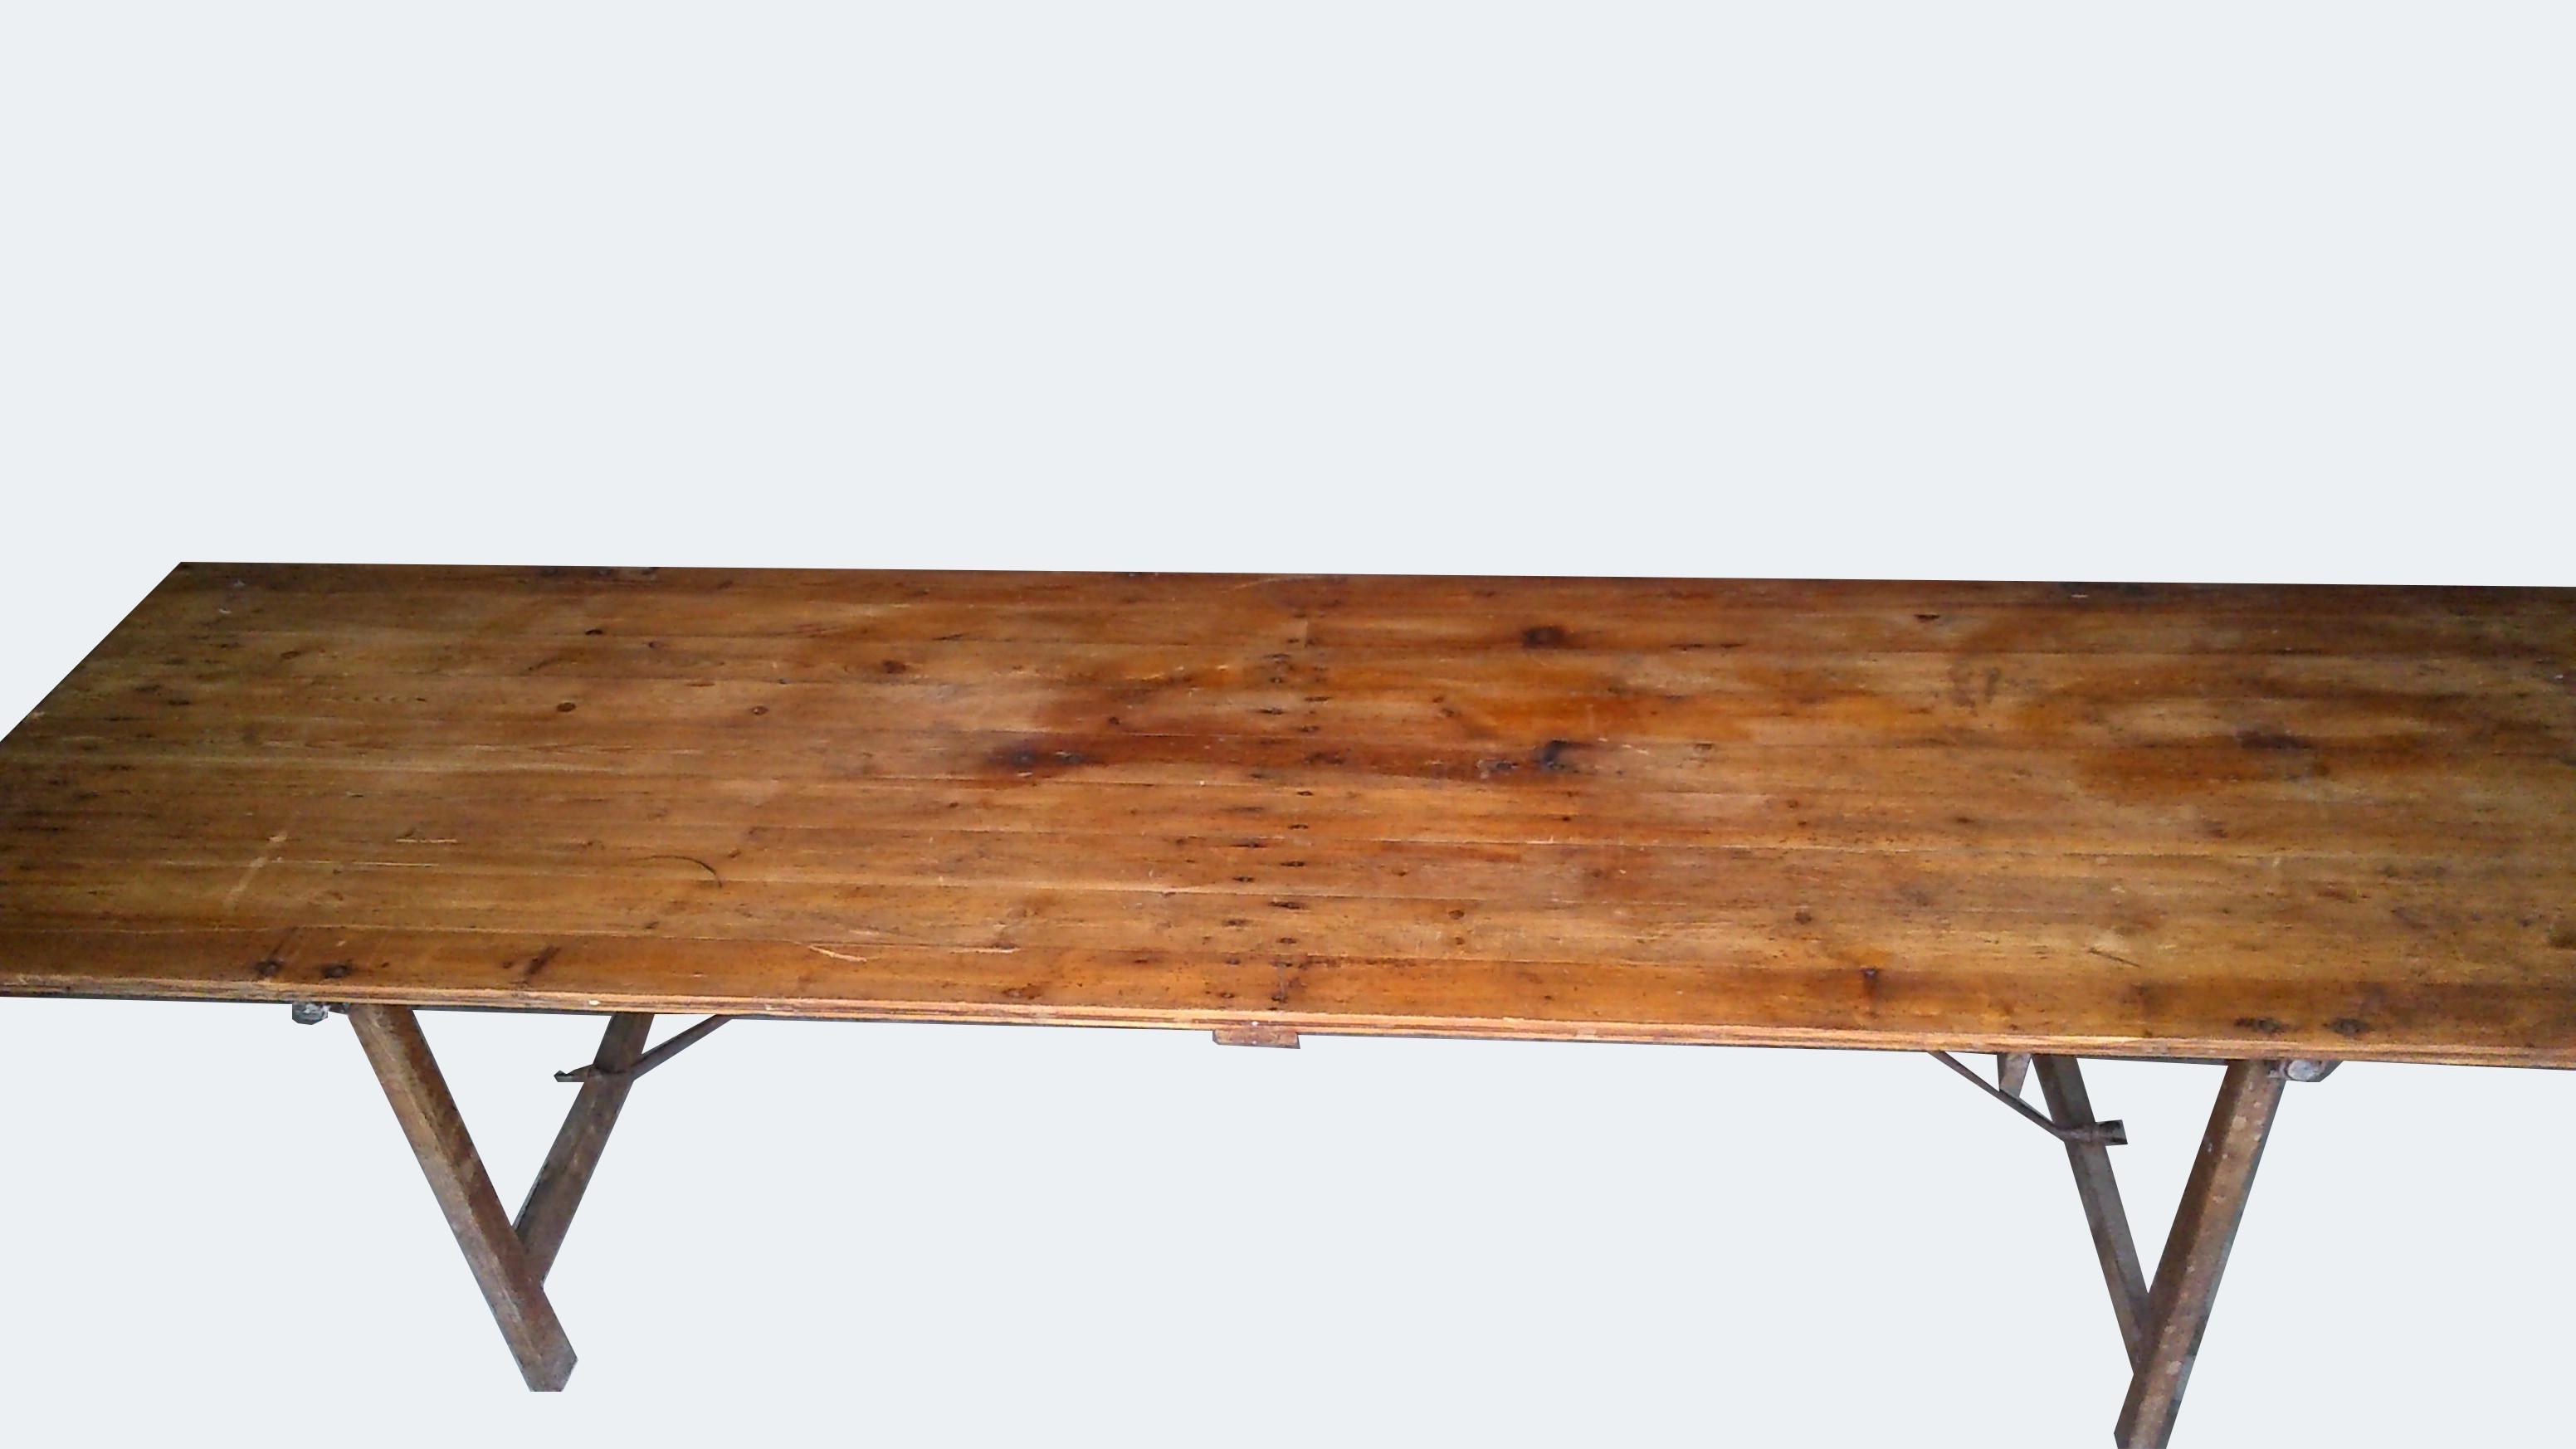 Table De Ferme Pliante Metal Et Bois Vintage Les Vieilles Choses